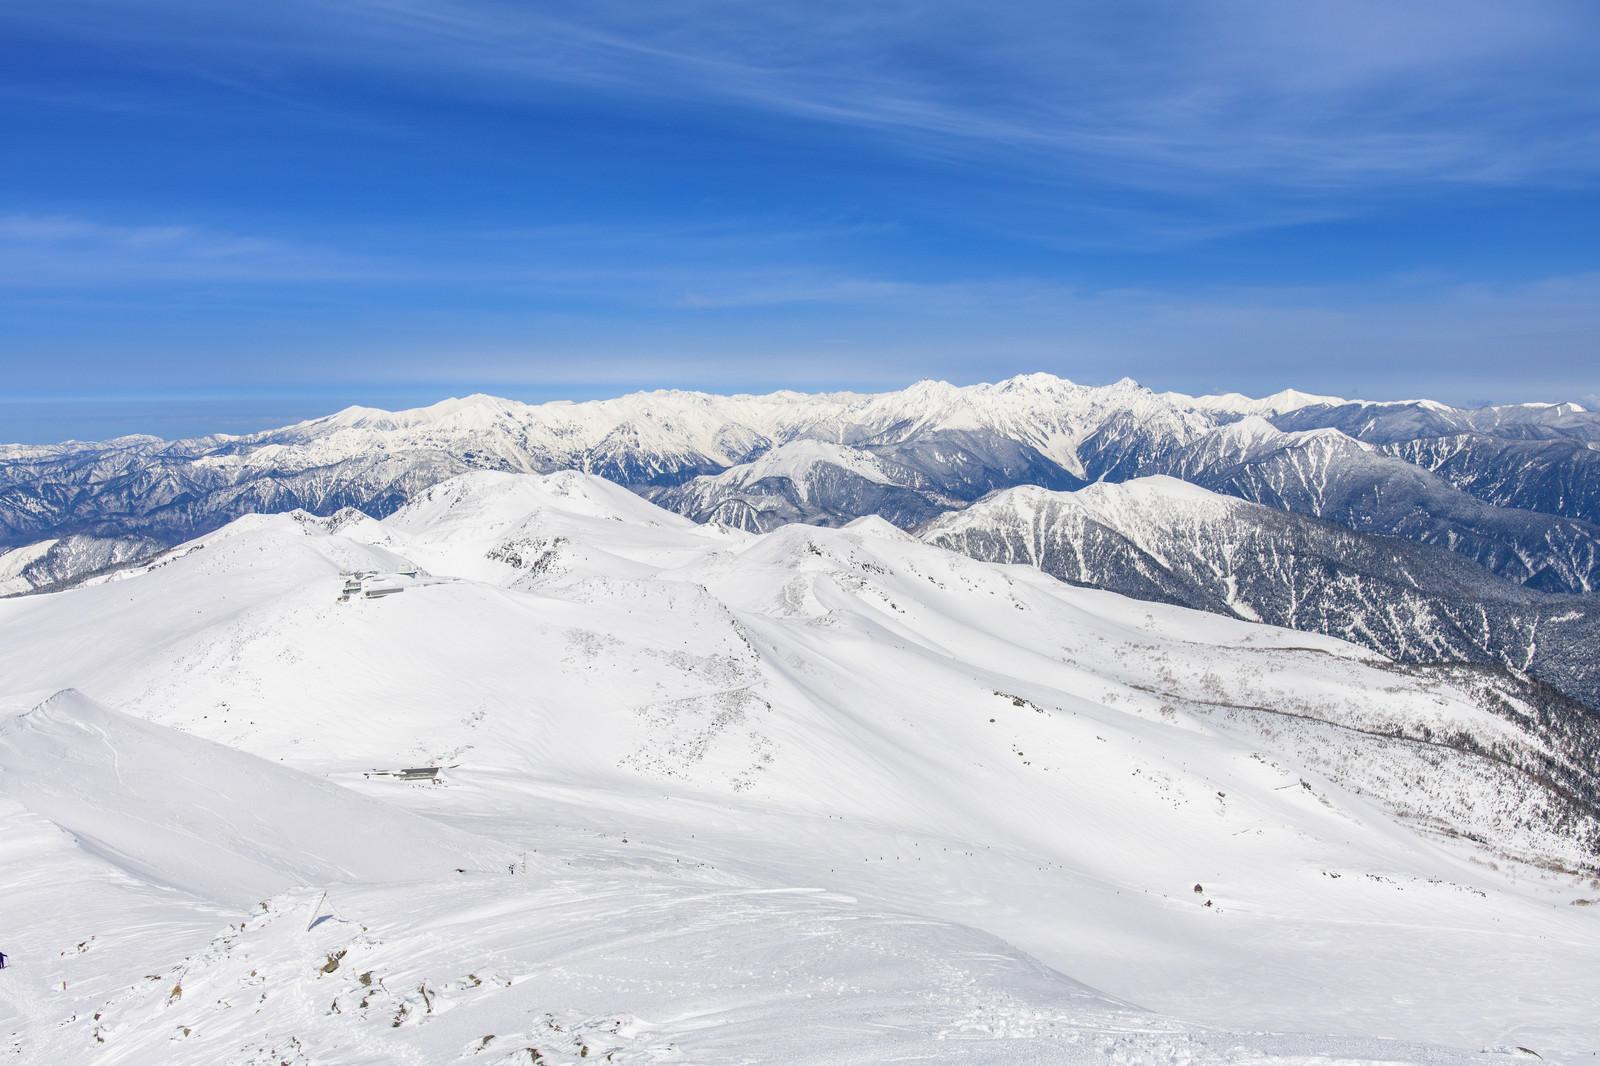 「乗鞍岳から眺める中央アルプスの山々」の写真